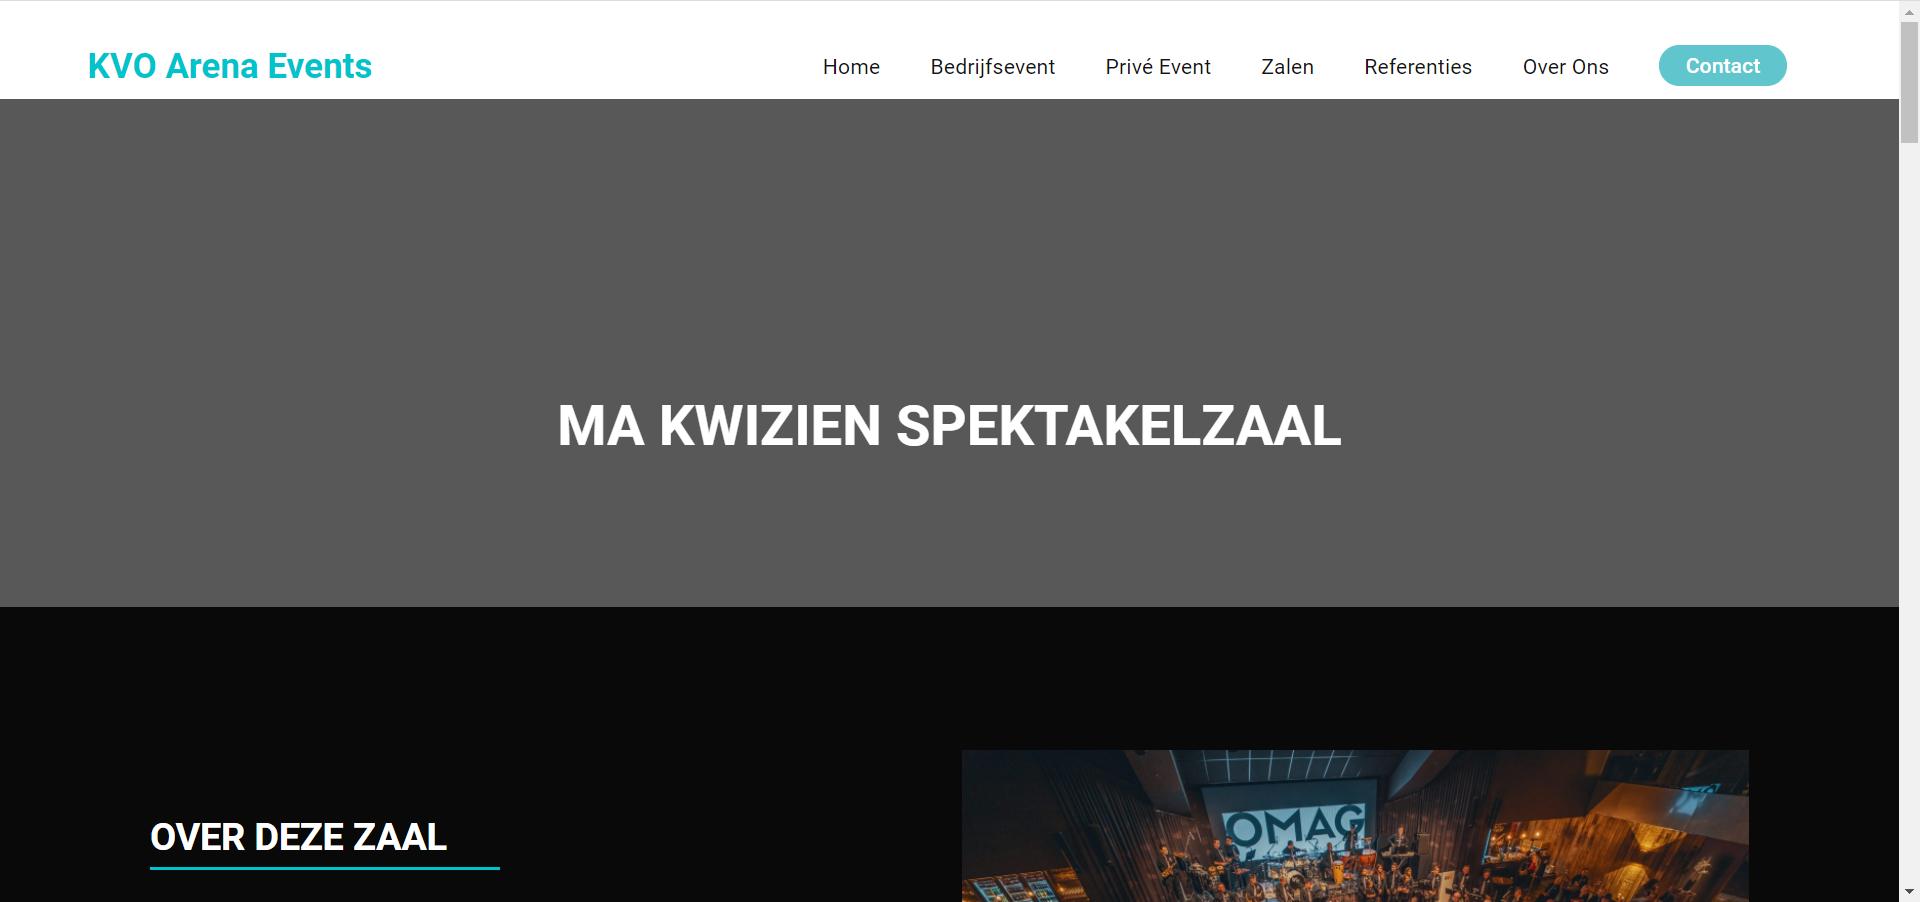 makwizien_spektakelzaal